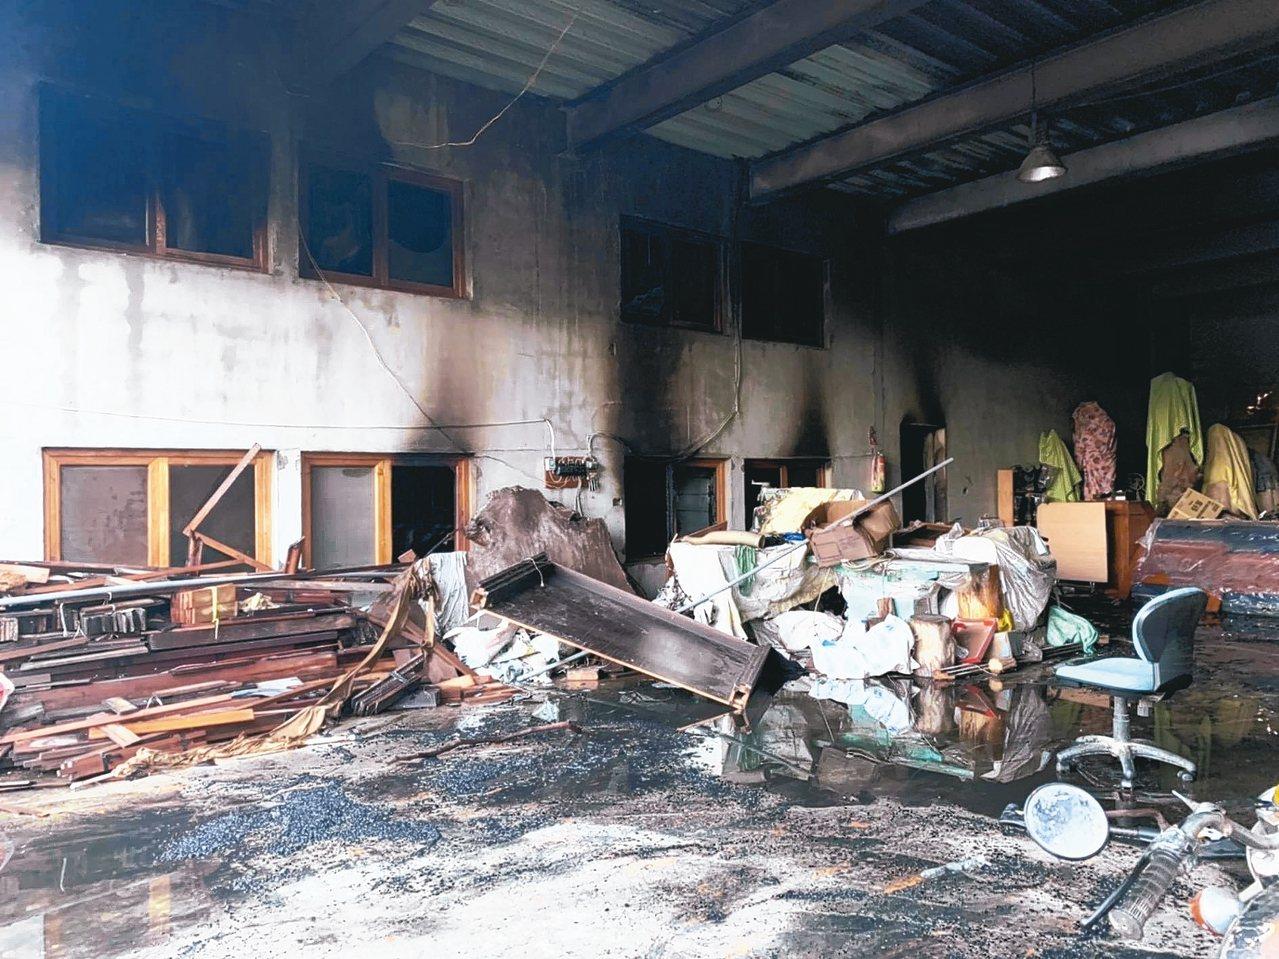 台南真理家族前辈堂昨遭纵火,起火点是在共同客厅一楼往二楼楼梯间,死伤严重。 记者...